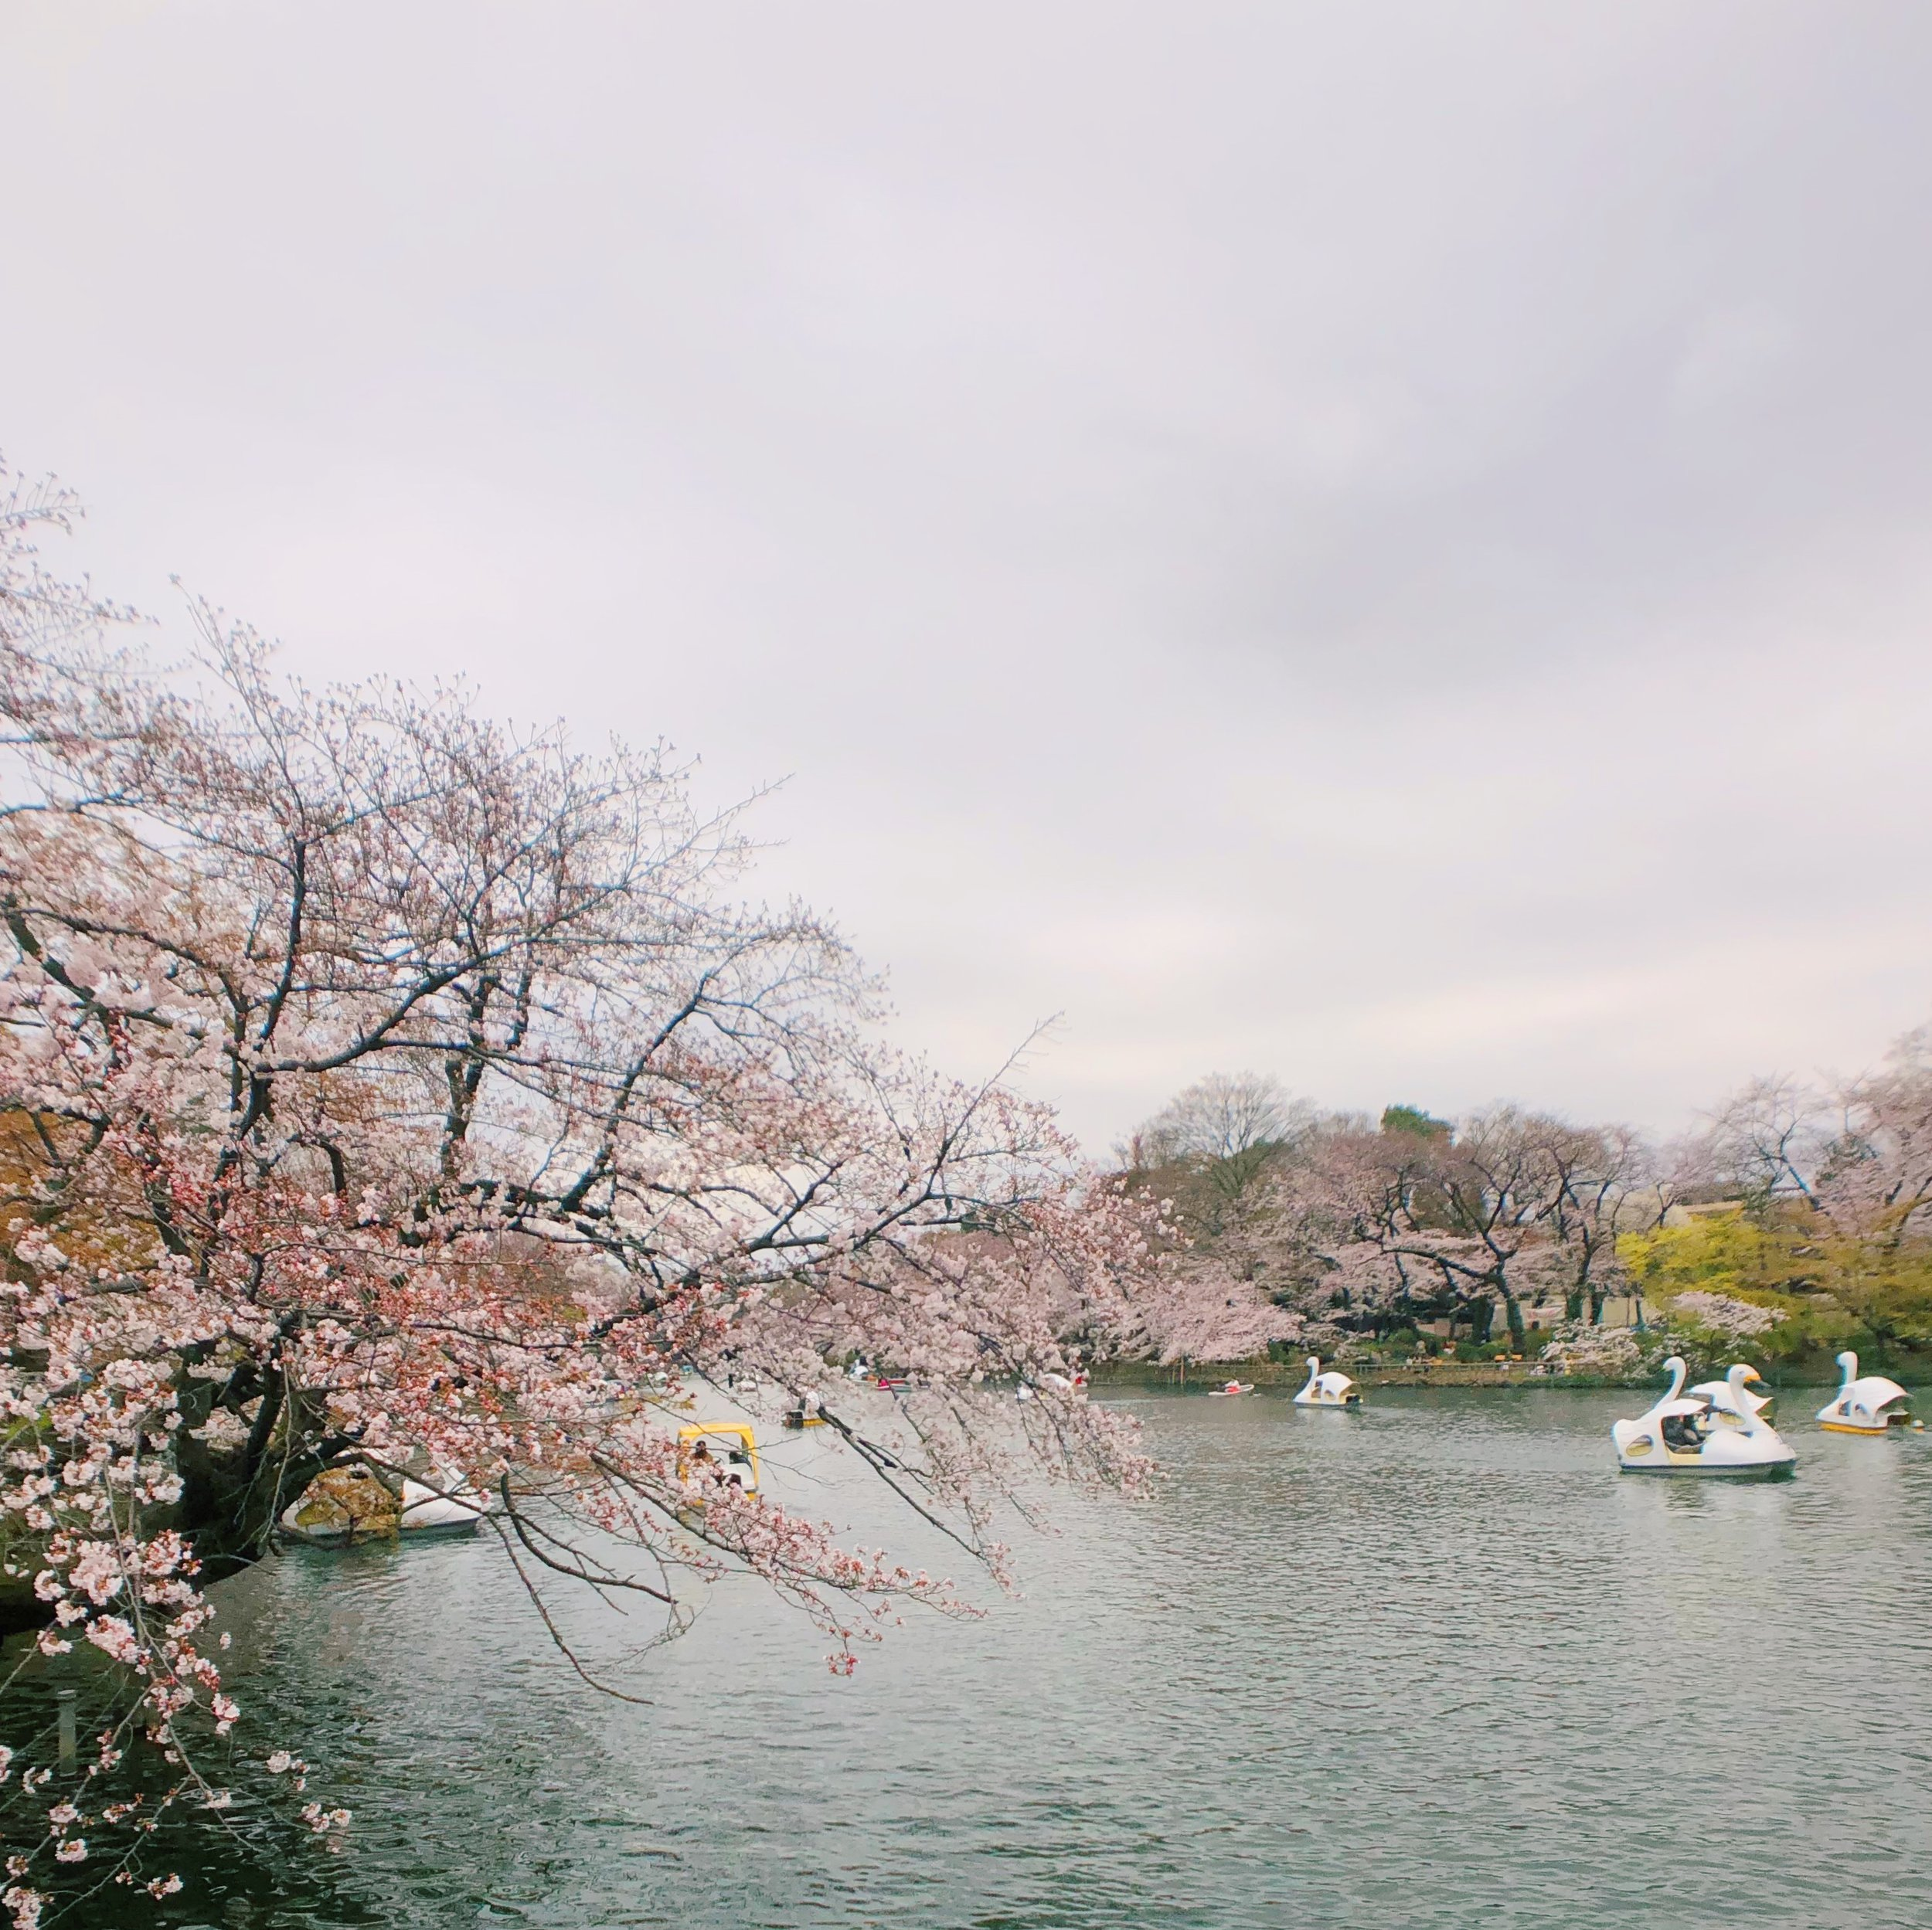 Swan paddle boats in Kichijoji.